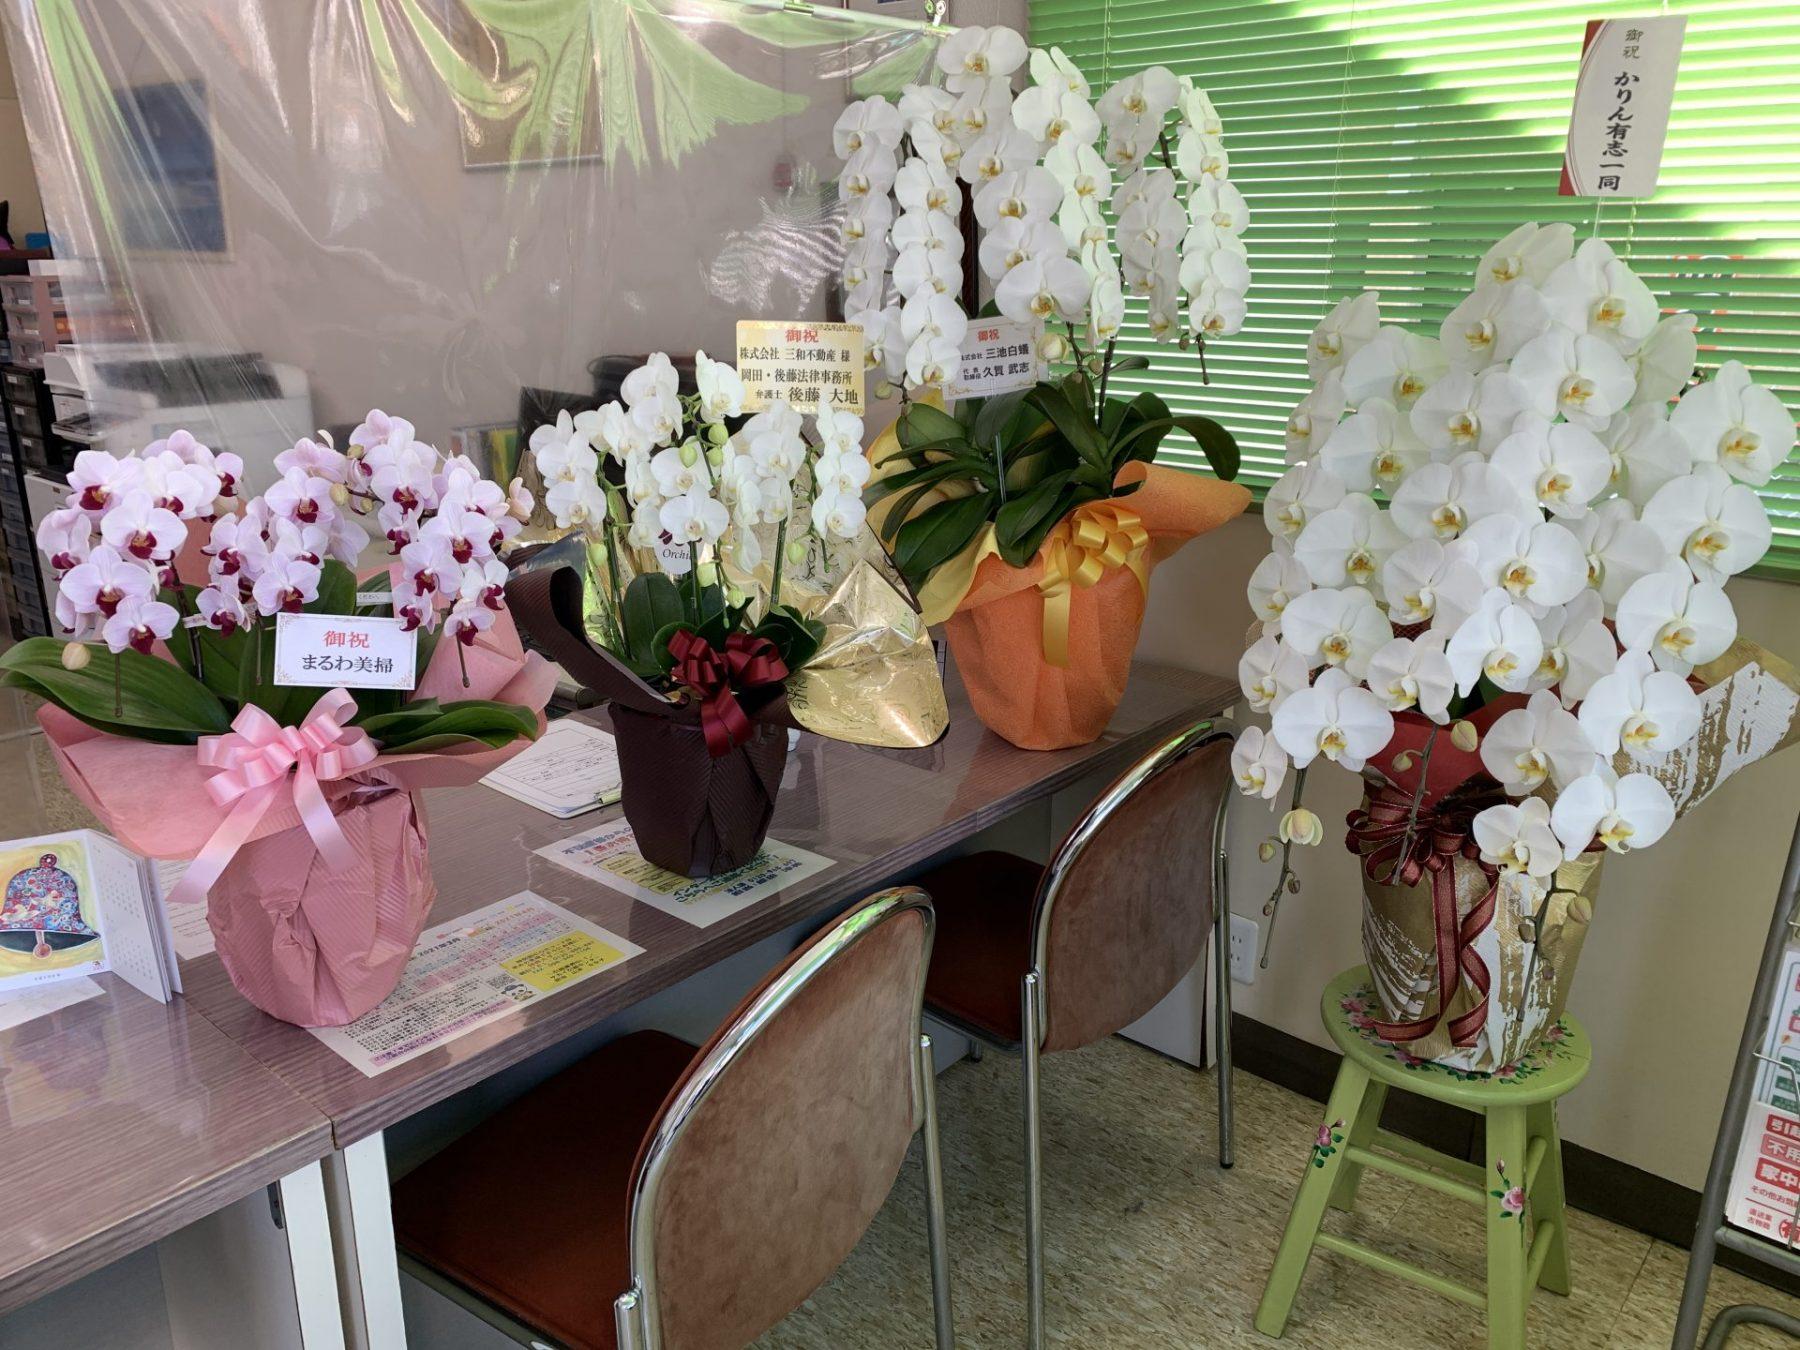 お祝いのお花ありがとうございます。